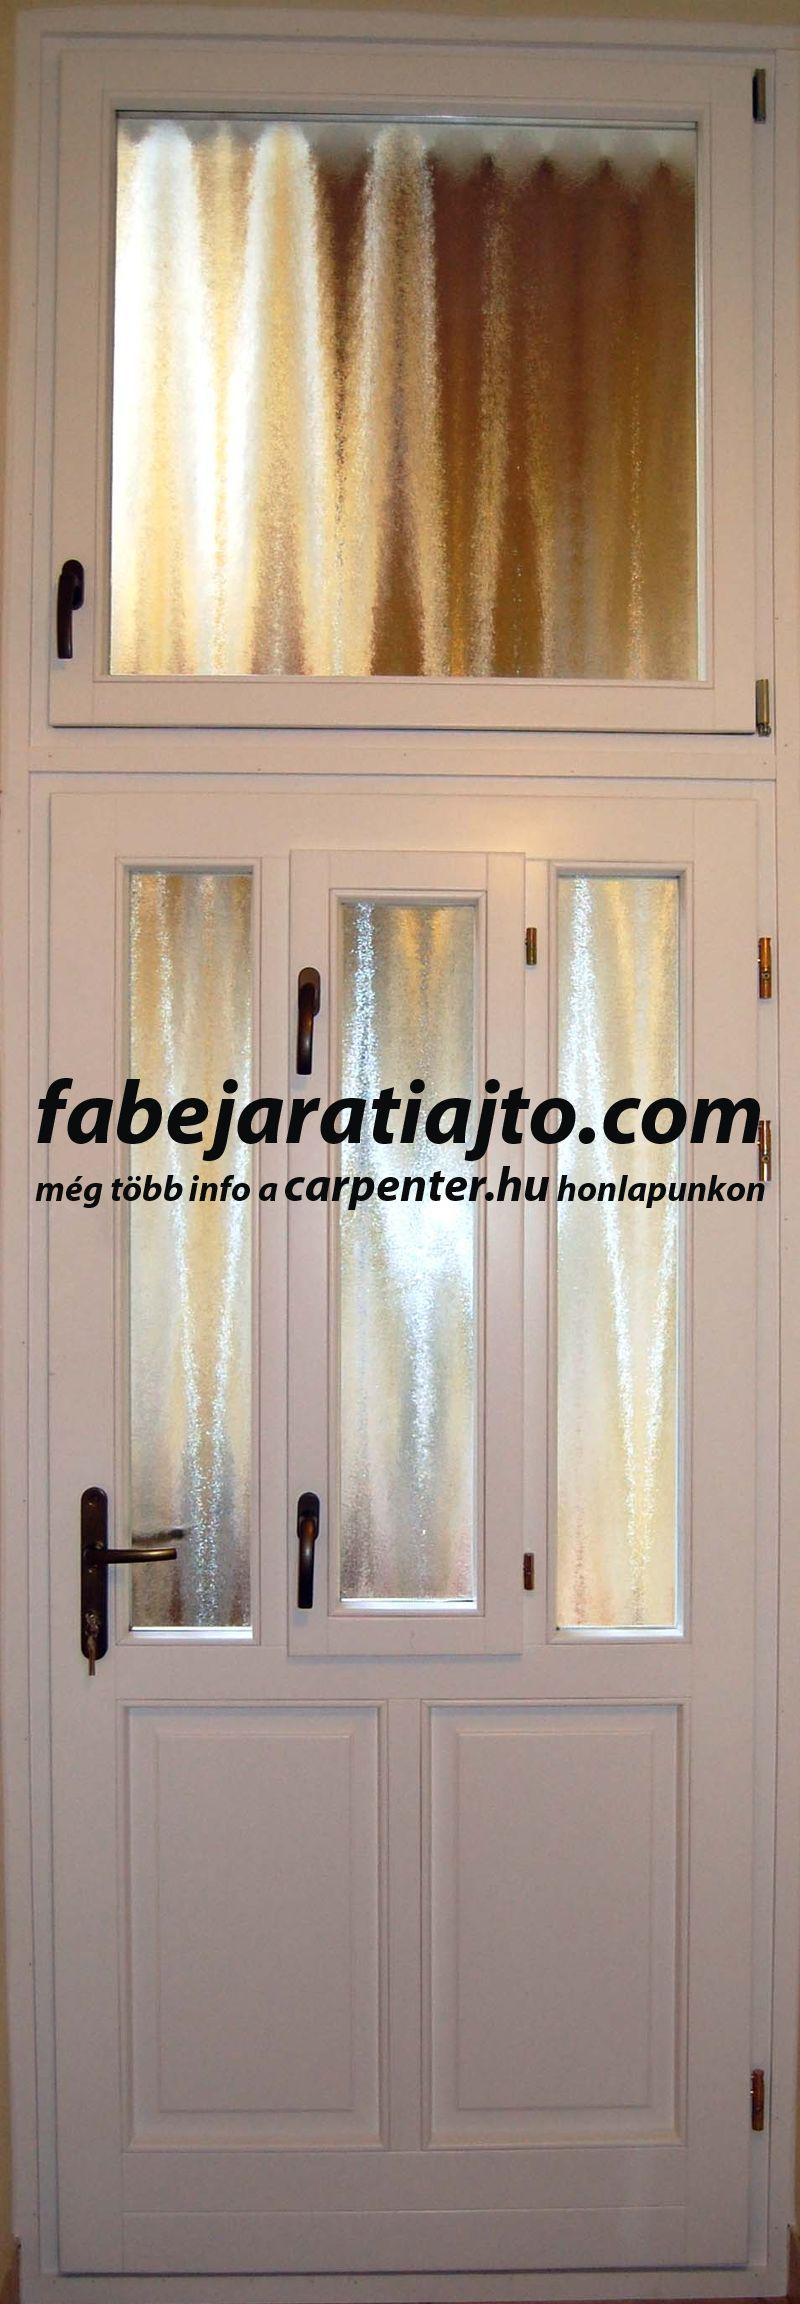 nyitható ablakos bejárati ajtó